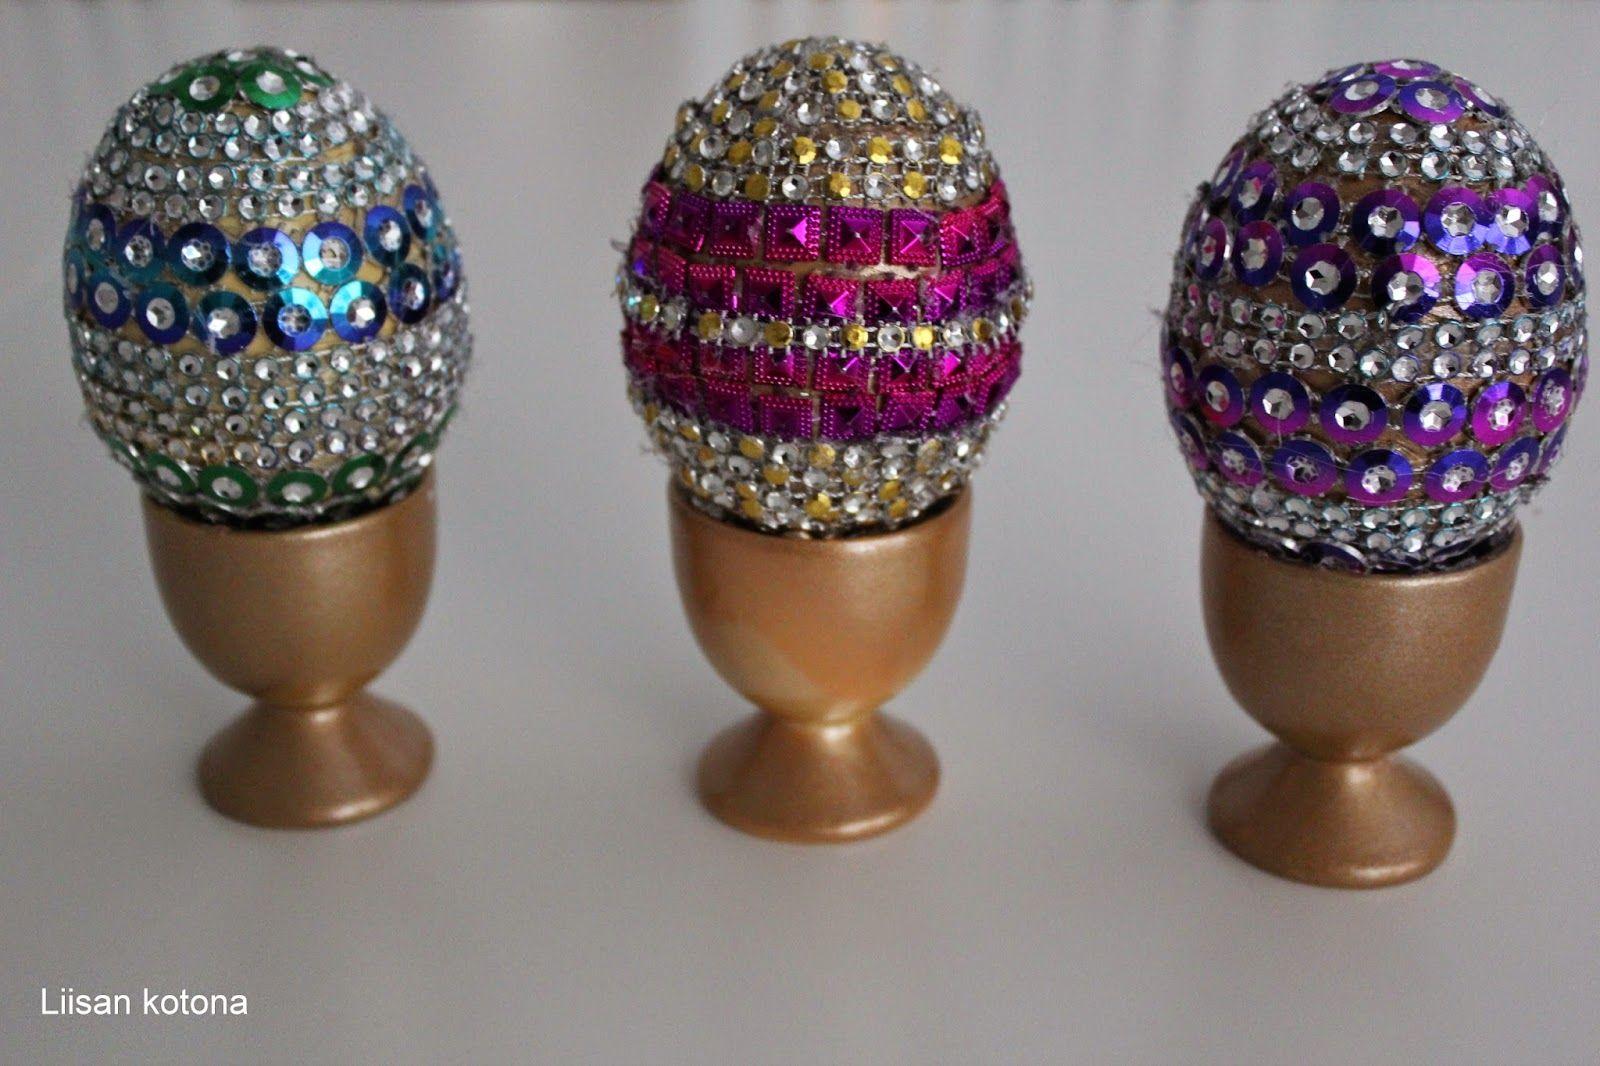 Liisan kotona: DIY koristellut pääsiäismunat